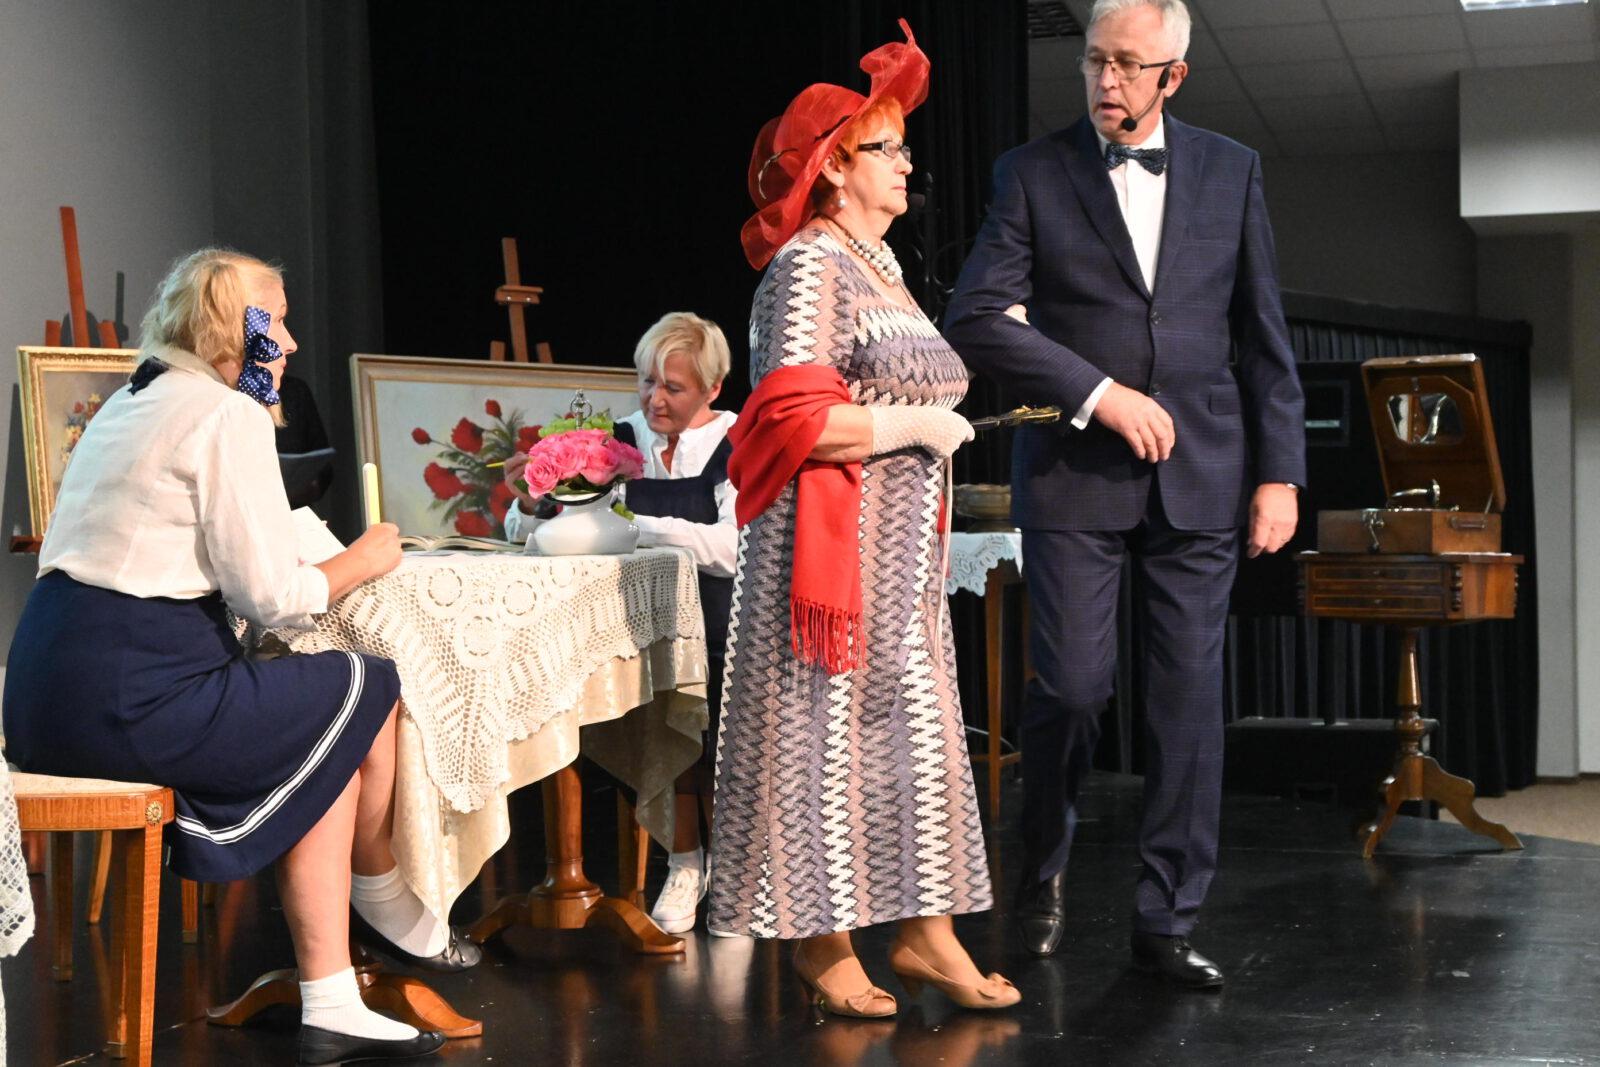 """Członkowie stowarzyszenia odgrywający fragment """"Moralności Pani Dulskiej"""". Dwie kobiety siedzą przy stoliku a przed nimi kobieta w dużym, czerwonym kapeluszu i mężczyzna w garniturze."""